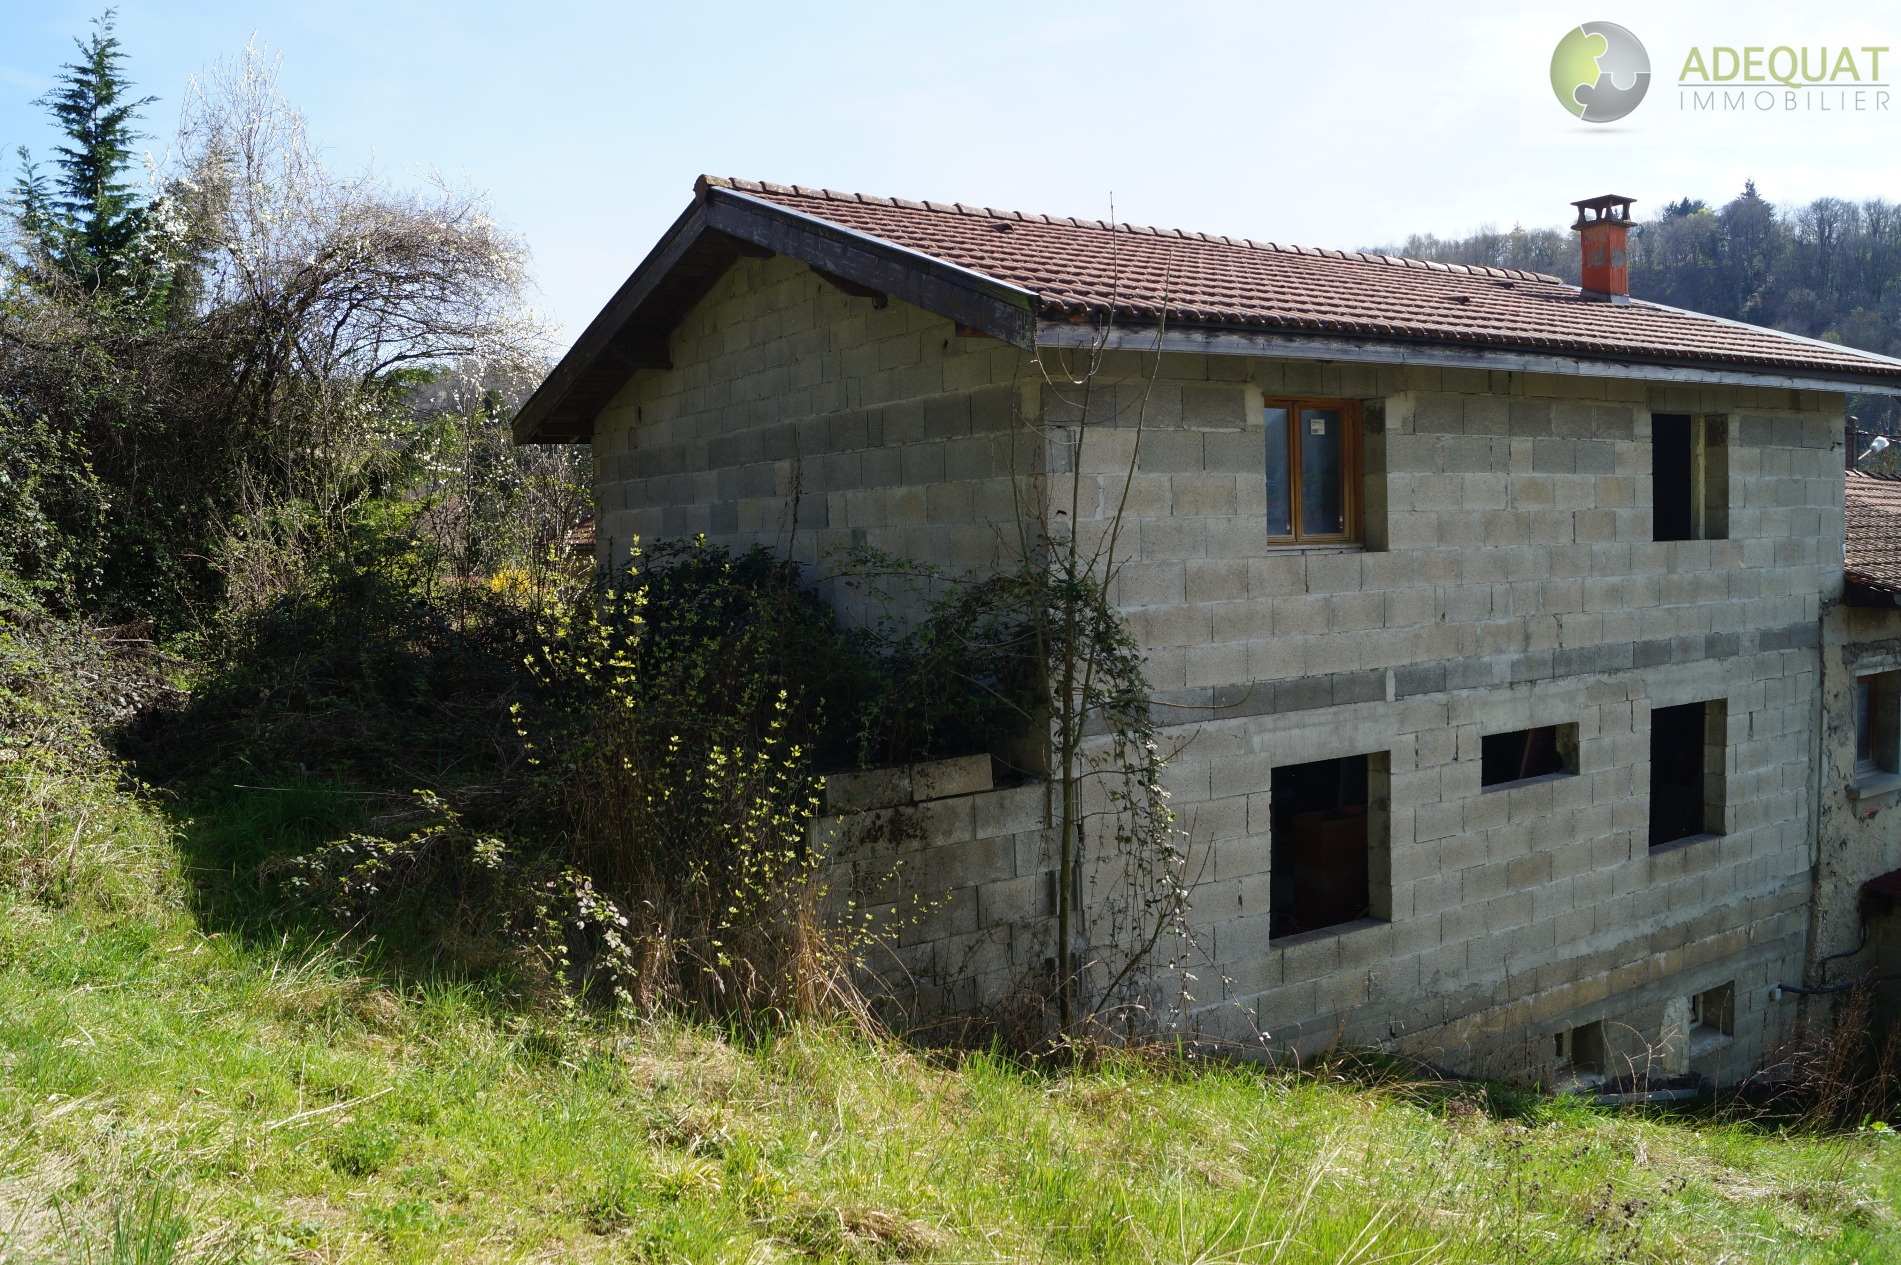 Vente id al premier achat maison terminer for Achat maison 04